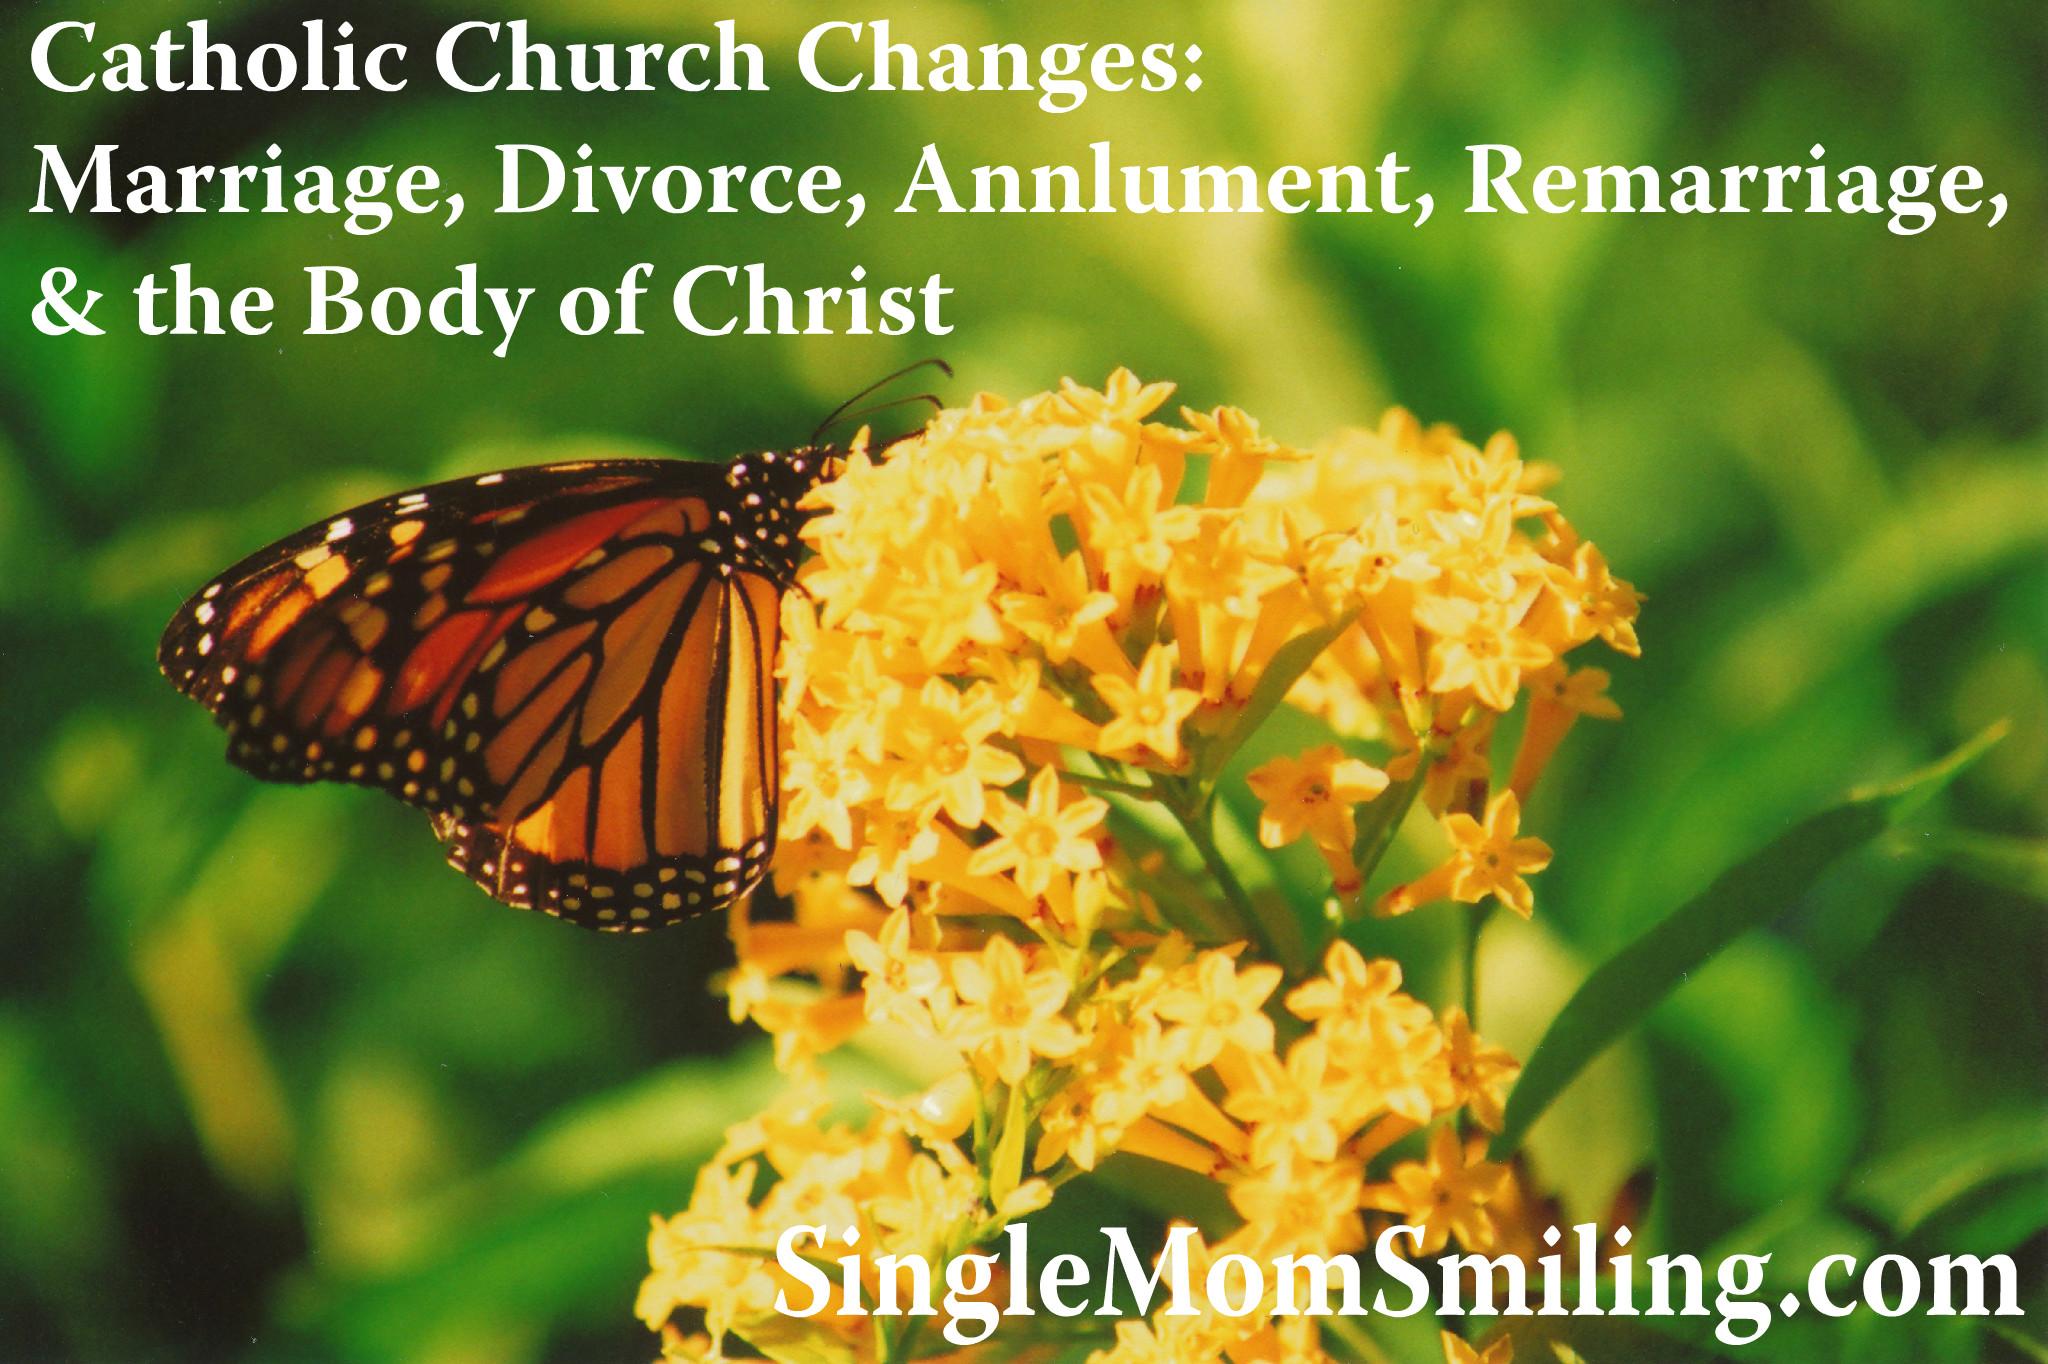 Catholic remarriage